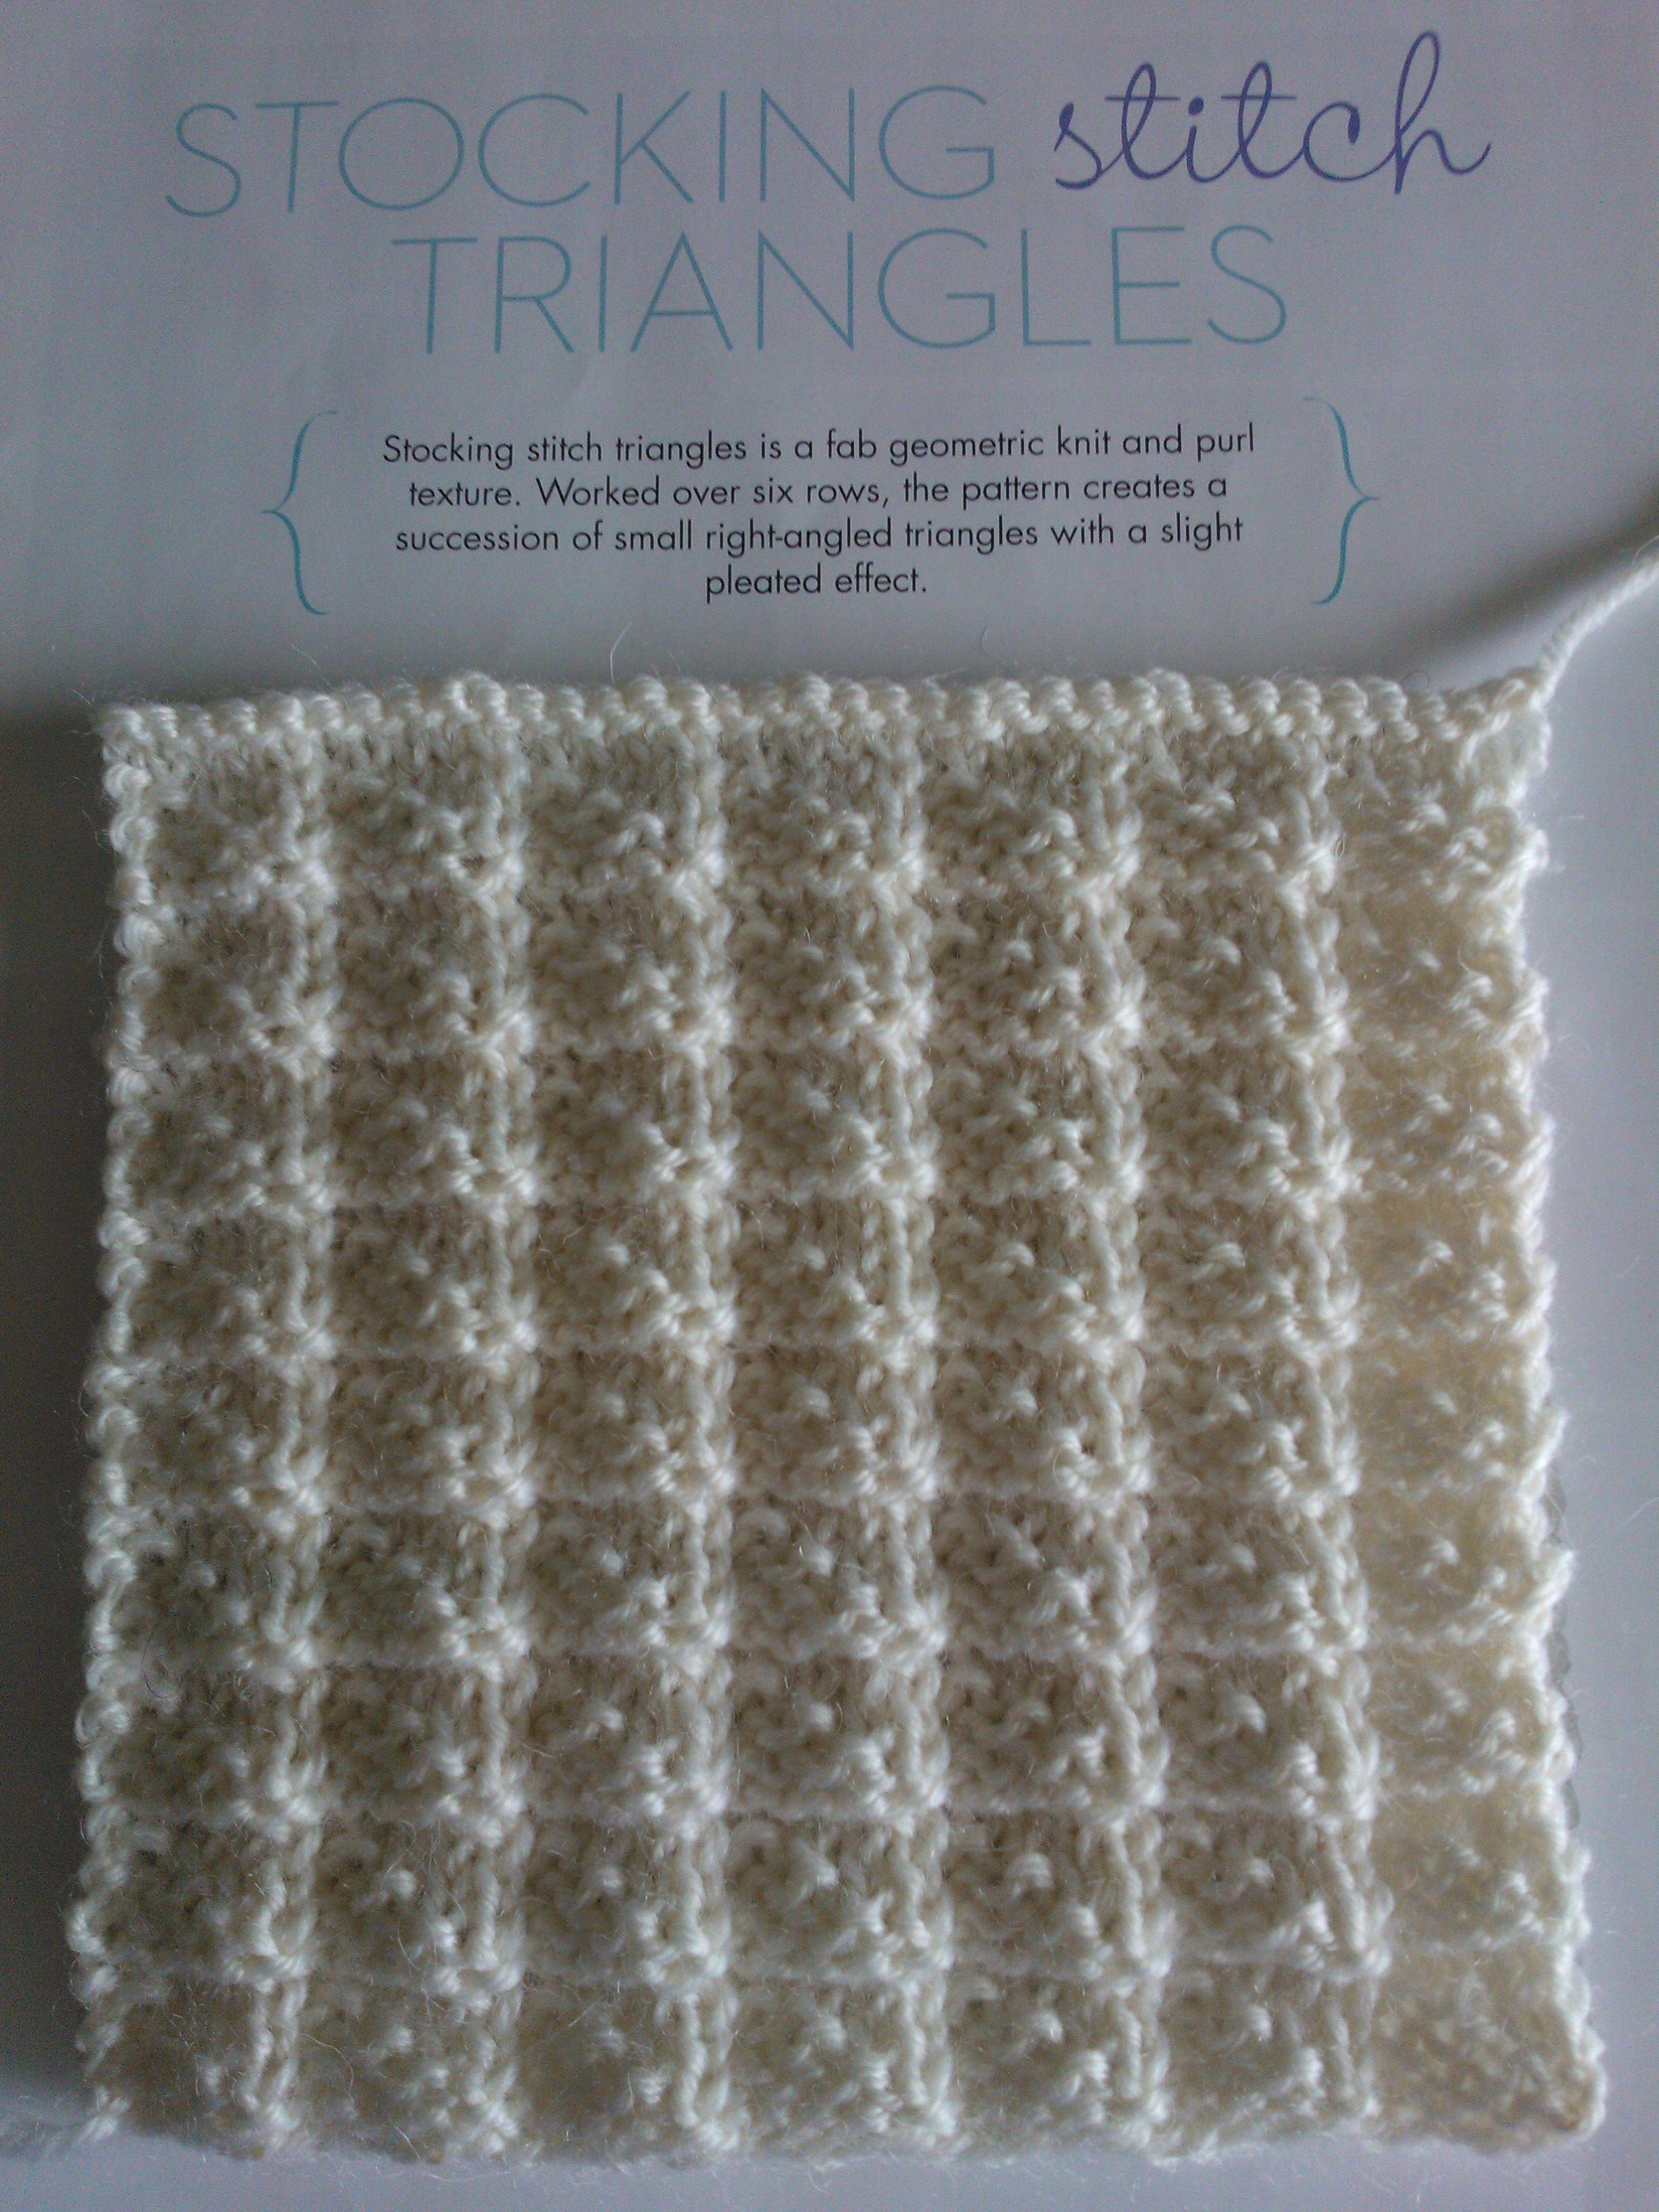 Stylish simple knitting stocking stitch